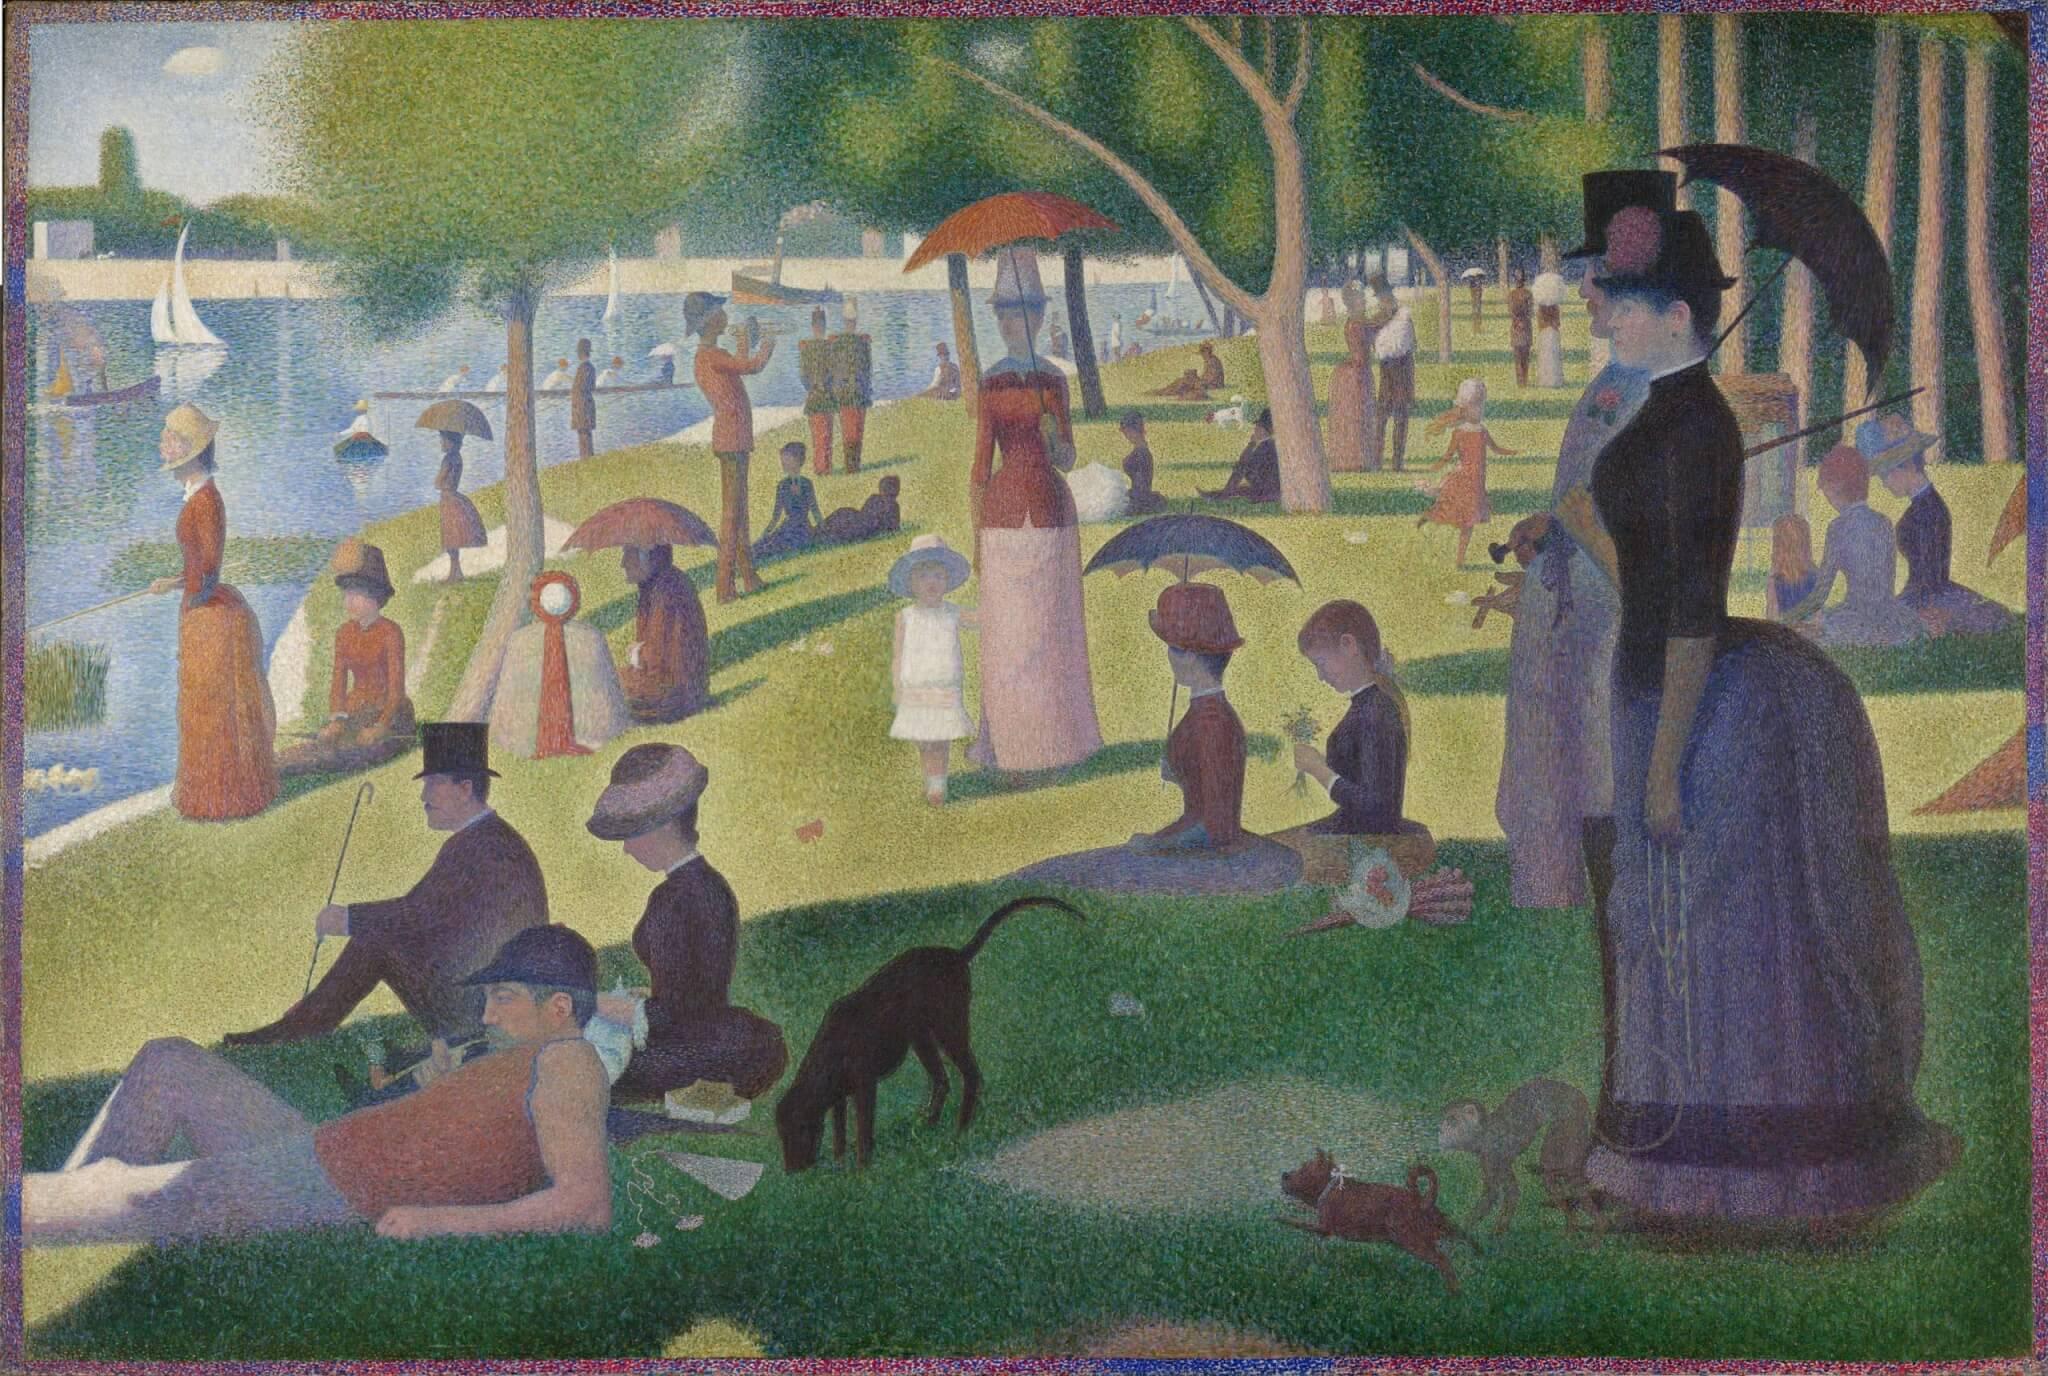 Tarde de domingo en la isla de la Grande Jatte, 1884 - Georges Seurat - Postimpresionismo